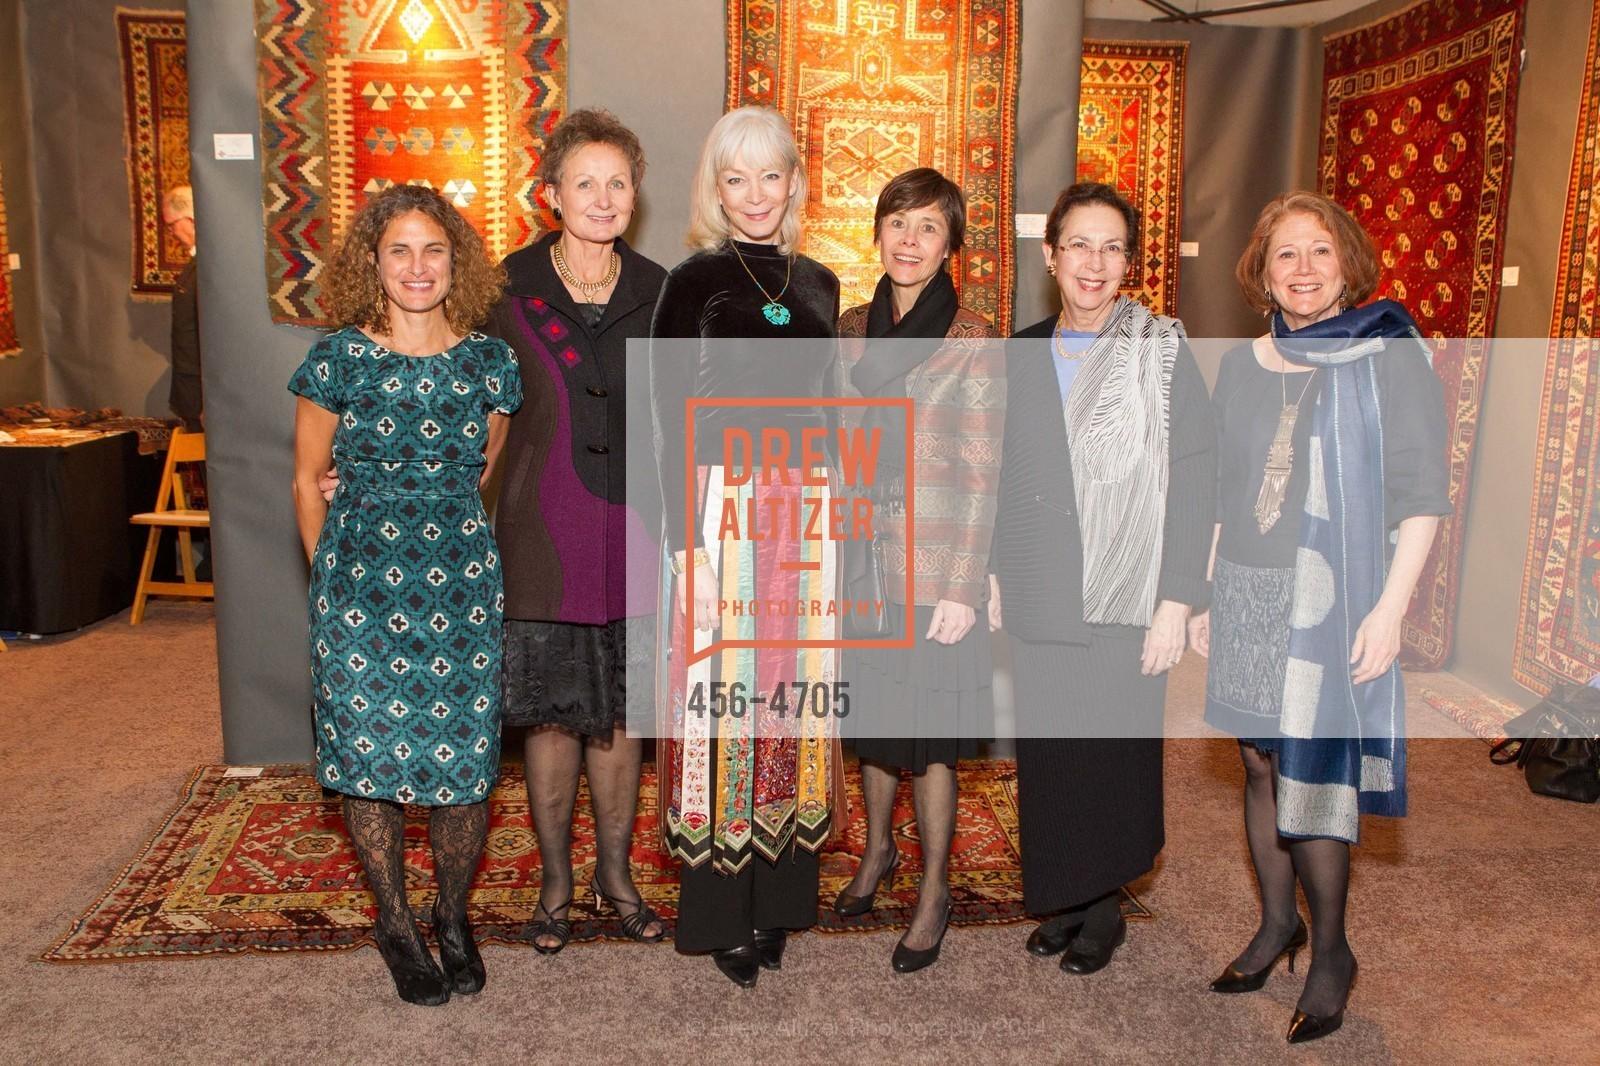 Jill D'Alessandro, Leslie Budge, Dana Walsh, Barbara Kelly, Barbara Shapiro, Karin Hazelkorn, Photo #456-4705